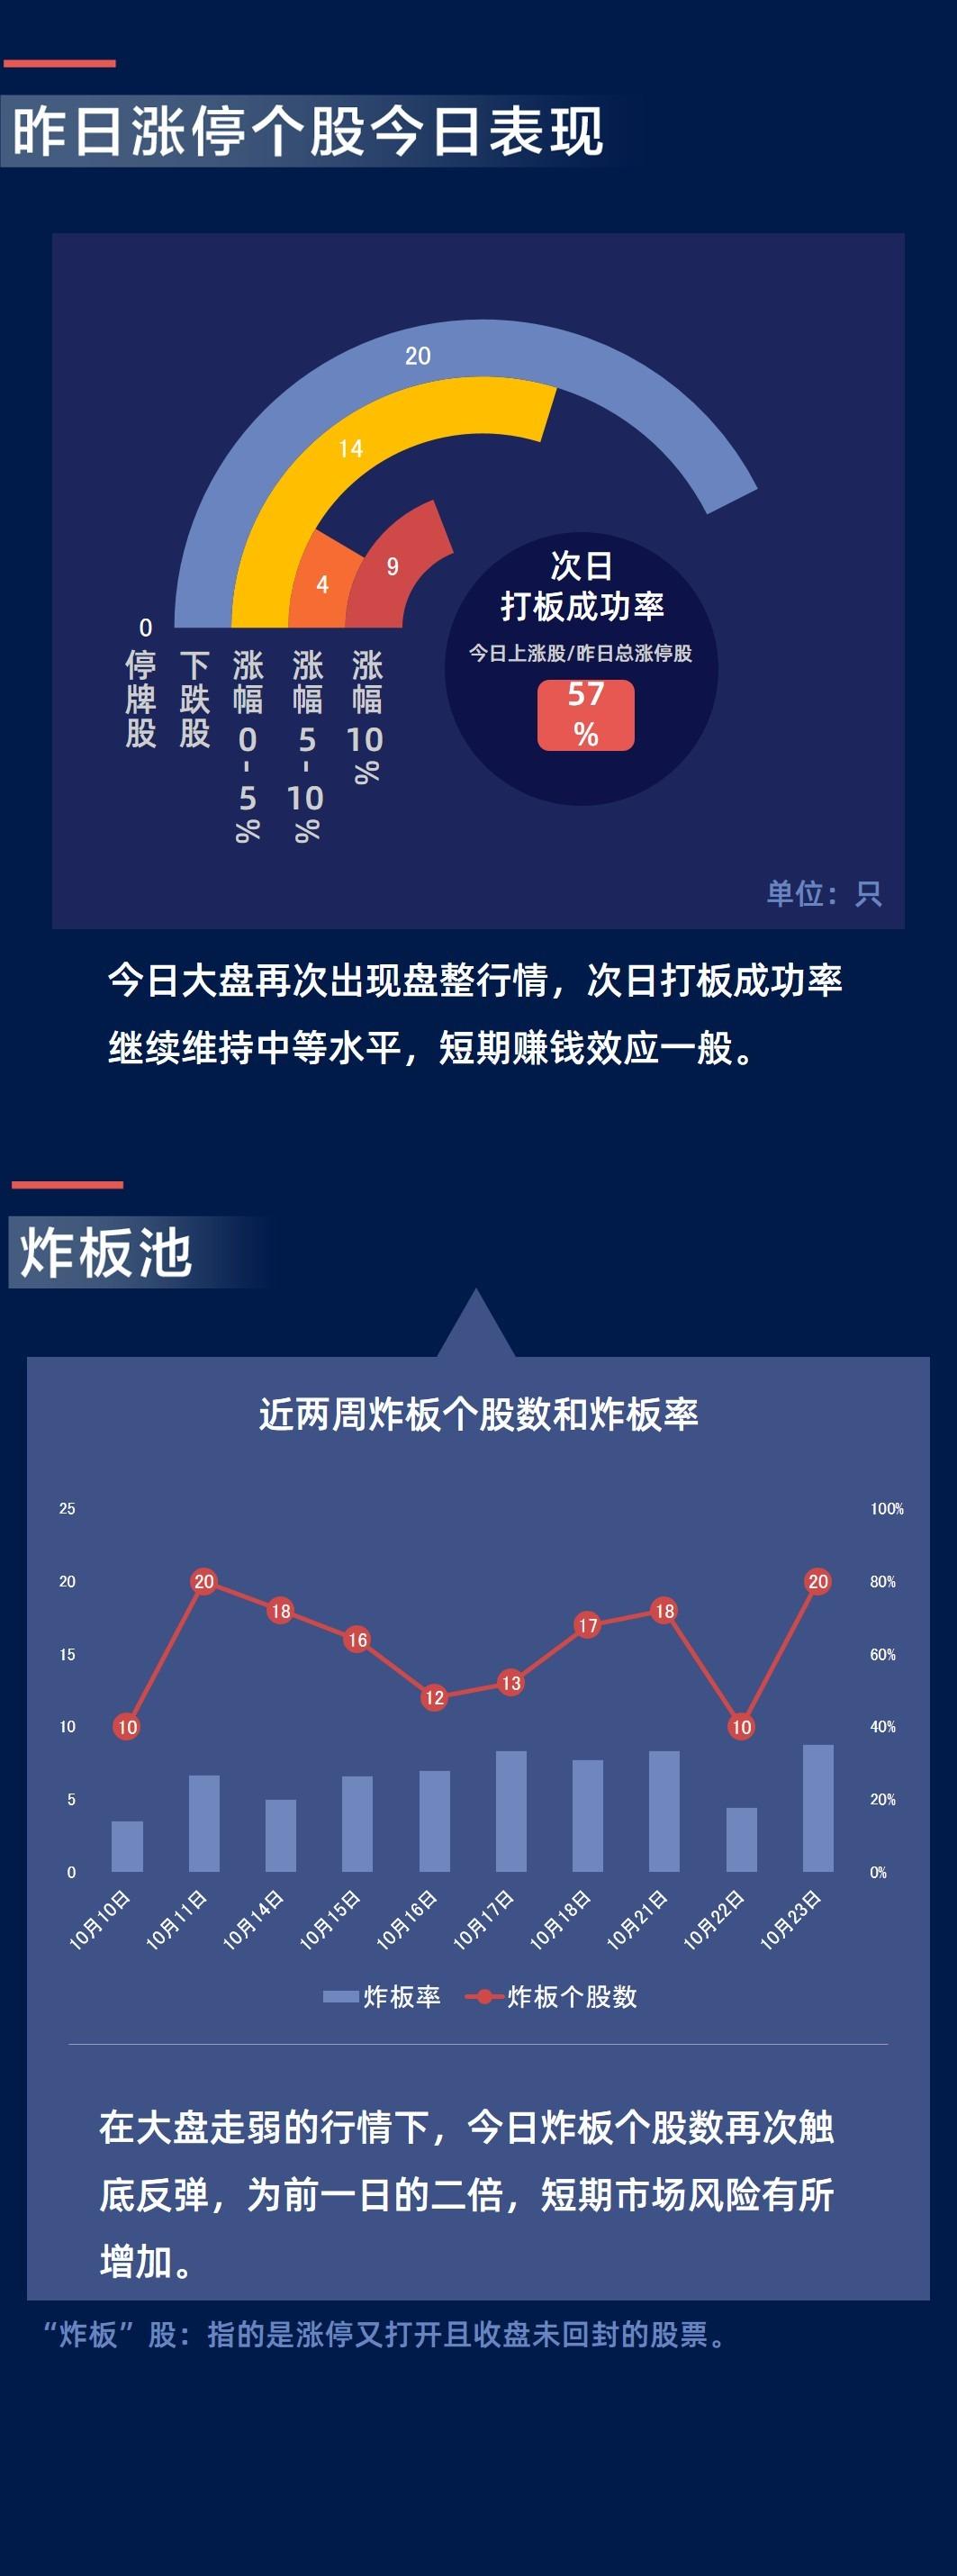 澳门娱乐场直营网站|全球7位美女技术大牛,最后一位来自中国!